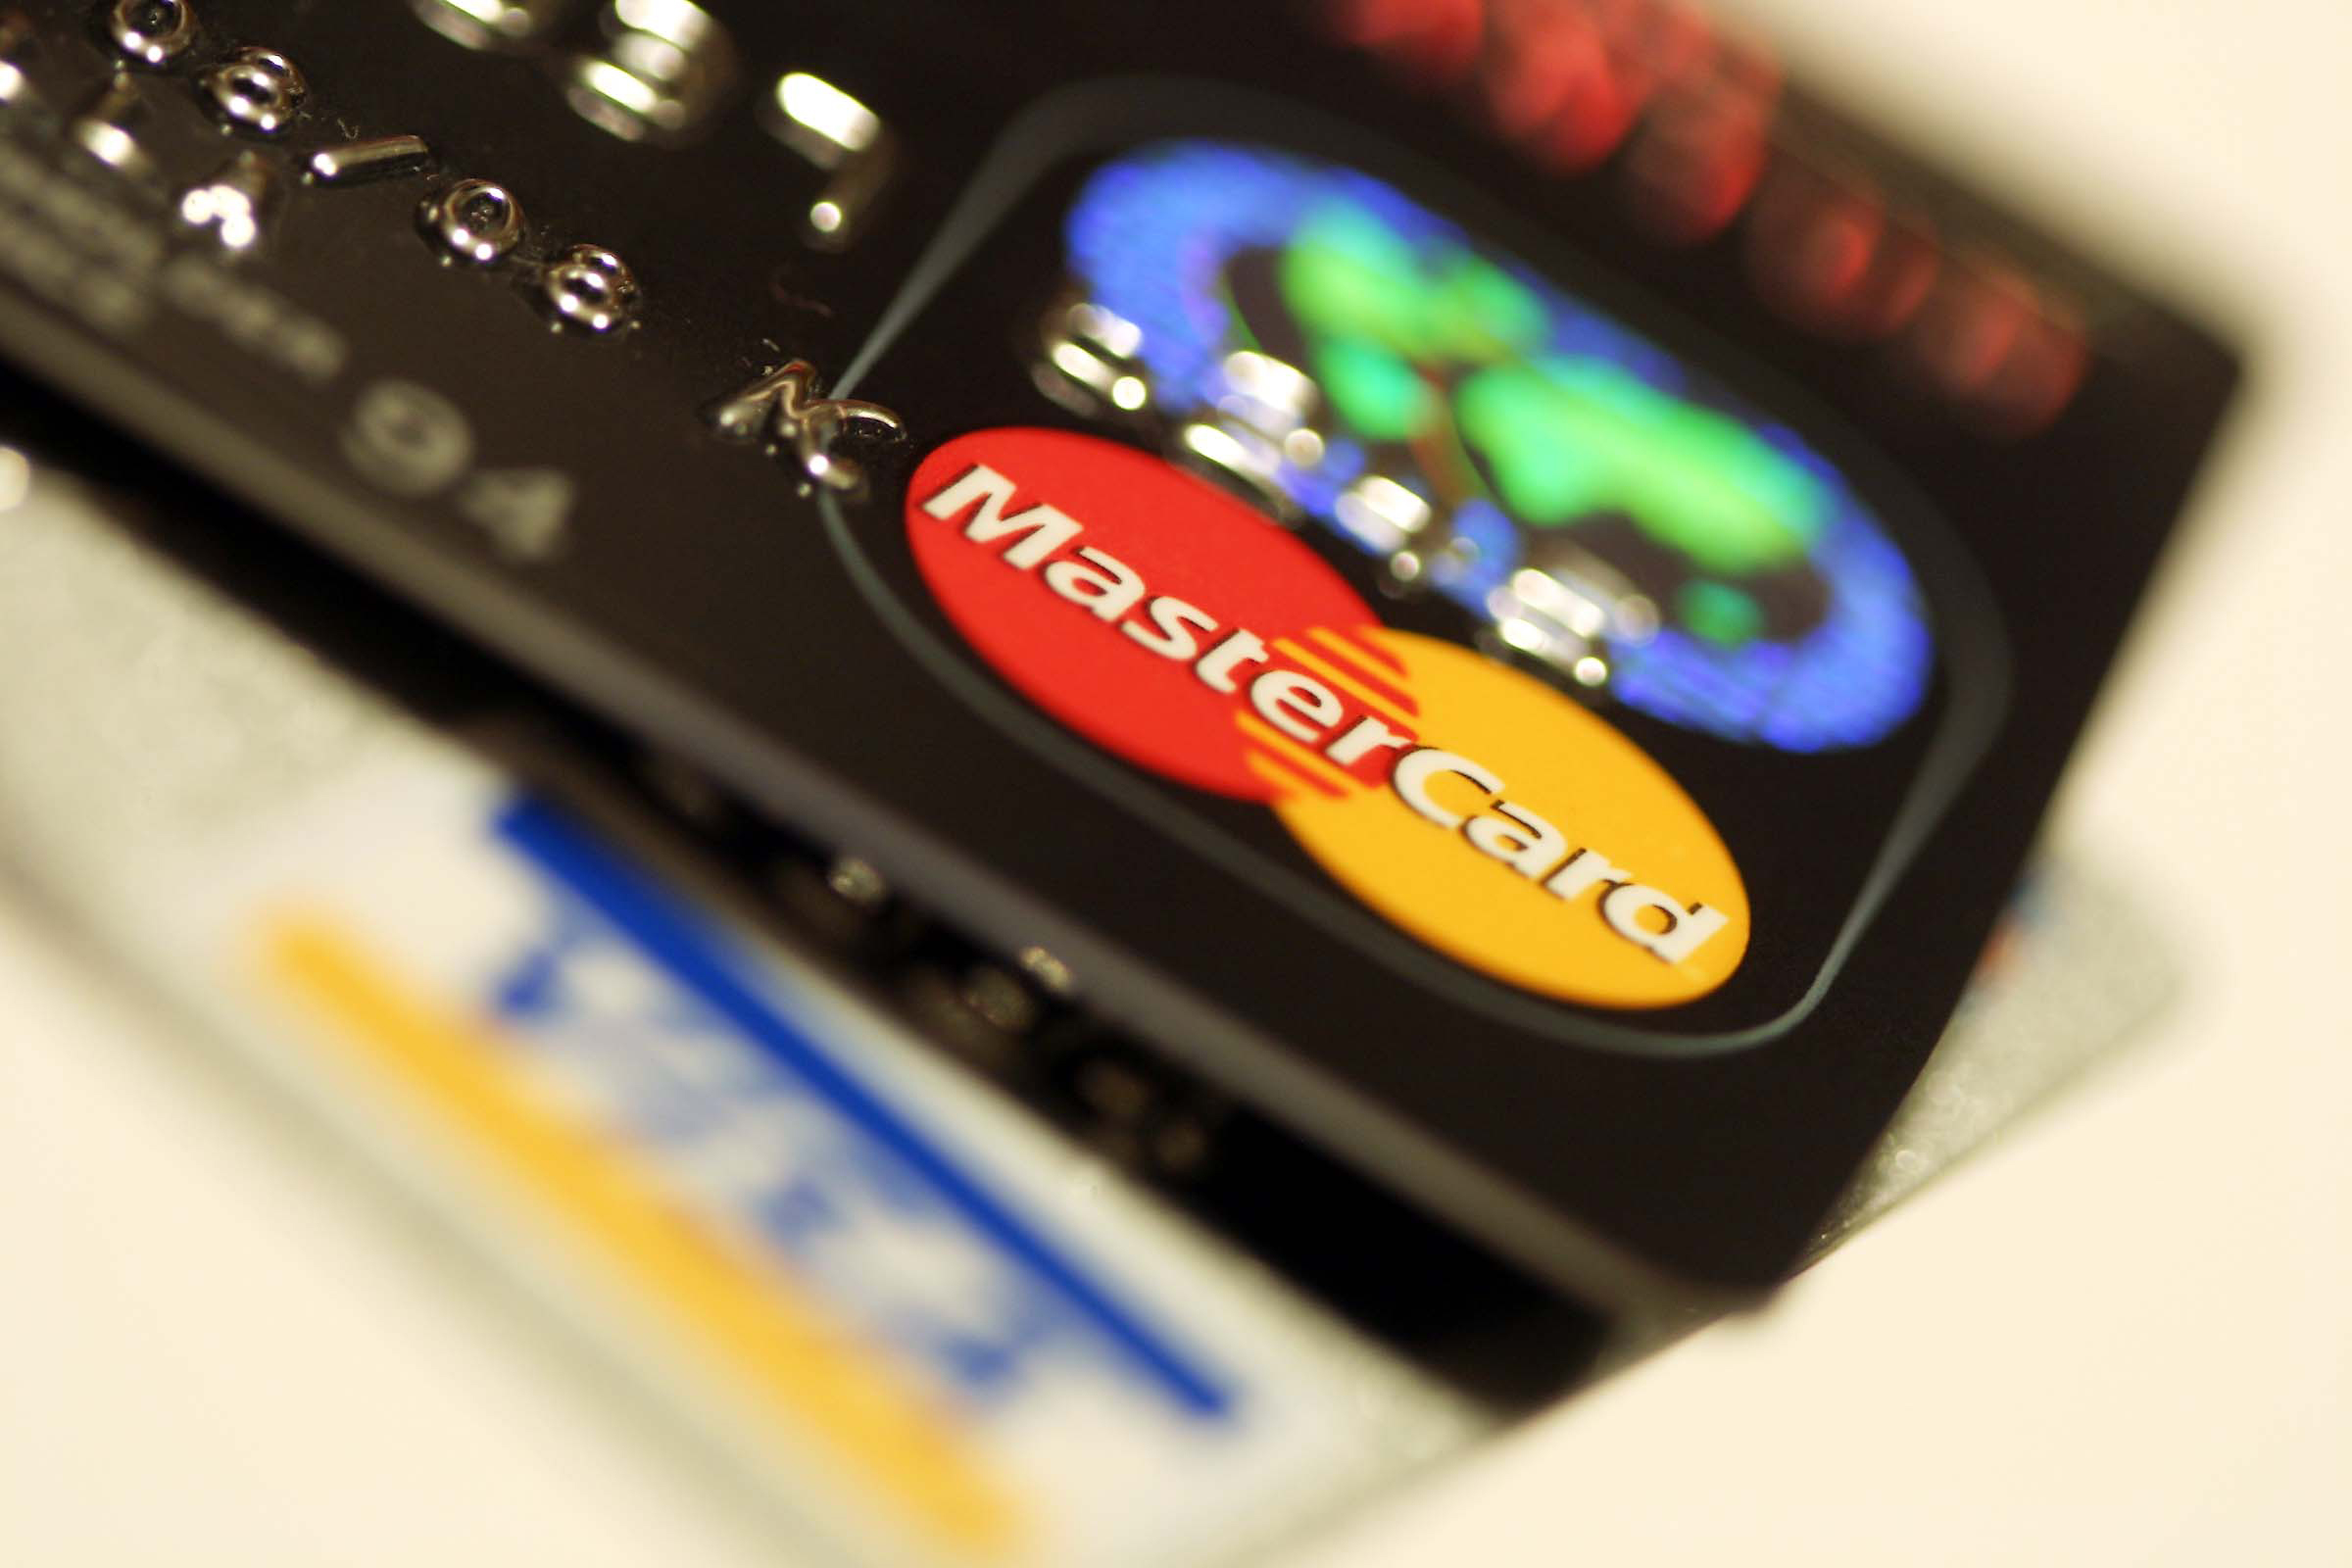 En Paraguay las tarjetas de crédito crecen más en financieras que en bancos